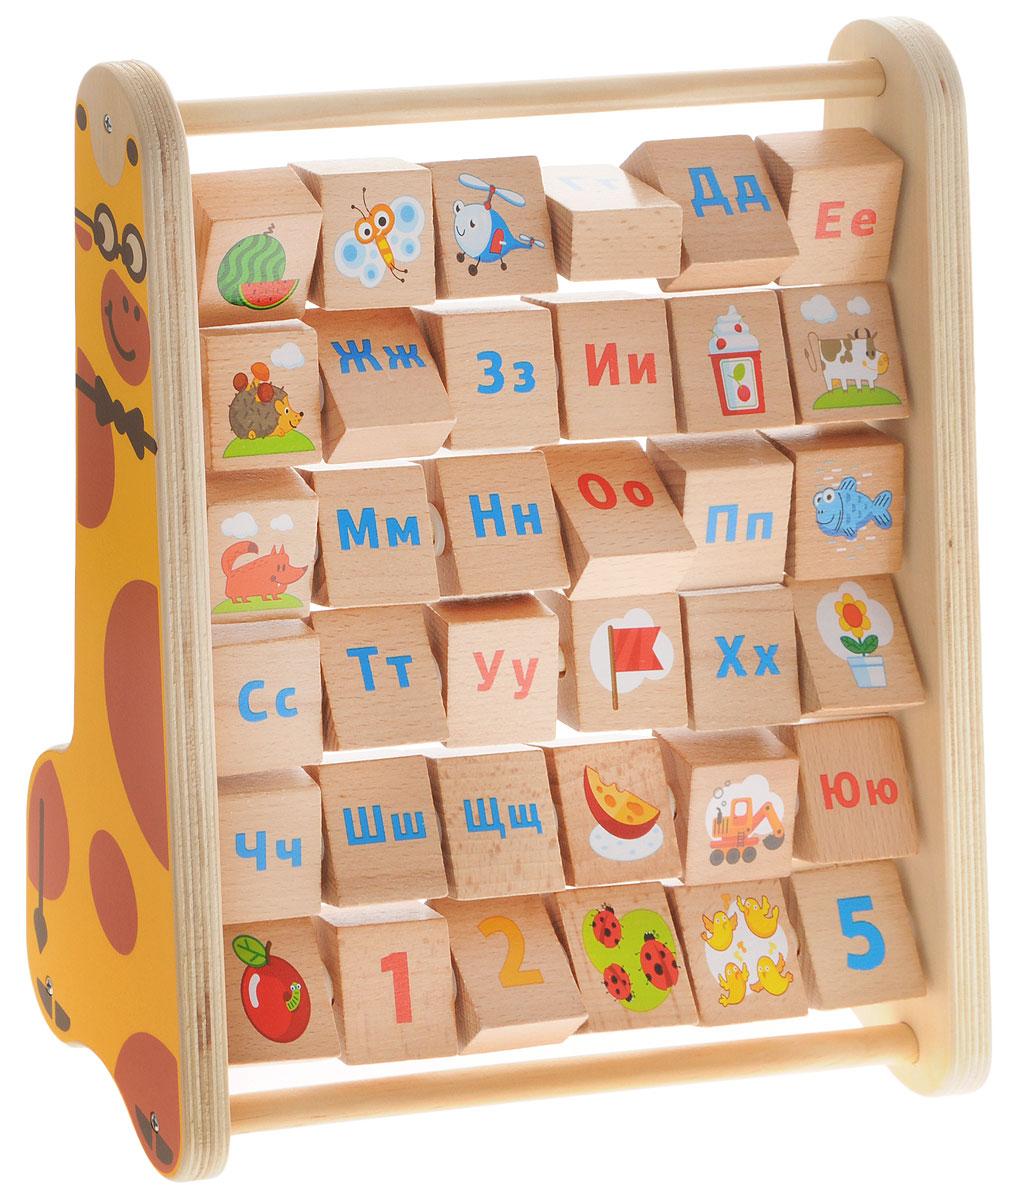 Мир деревянных игрушек Счеты-алфавитД248Счеты-алфавит от компании Мир деревянных игрушек позволят ребенку выучить буквы и слова, сопоставляя их с изображениями на деревянных квадратах. Счеты имеют 6 рядов, по 6 деревянных квадратиков в каждом. Квадратики свободно вращаются вокруг своей оси. На каждом квадратике по две картинки, на части квадратиков они совпадают, на других - разные. Яркие квадратики удобно перебирать маленькими пальчиками, устойчивая подставка обеспечивает комфортное обращение со счетами. Игрушка способствует развитию логики, моторики, знакомит малыша с буквами и словами, счетом.